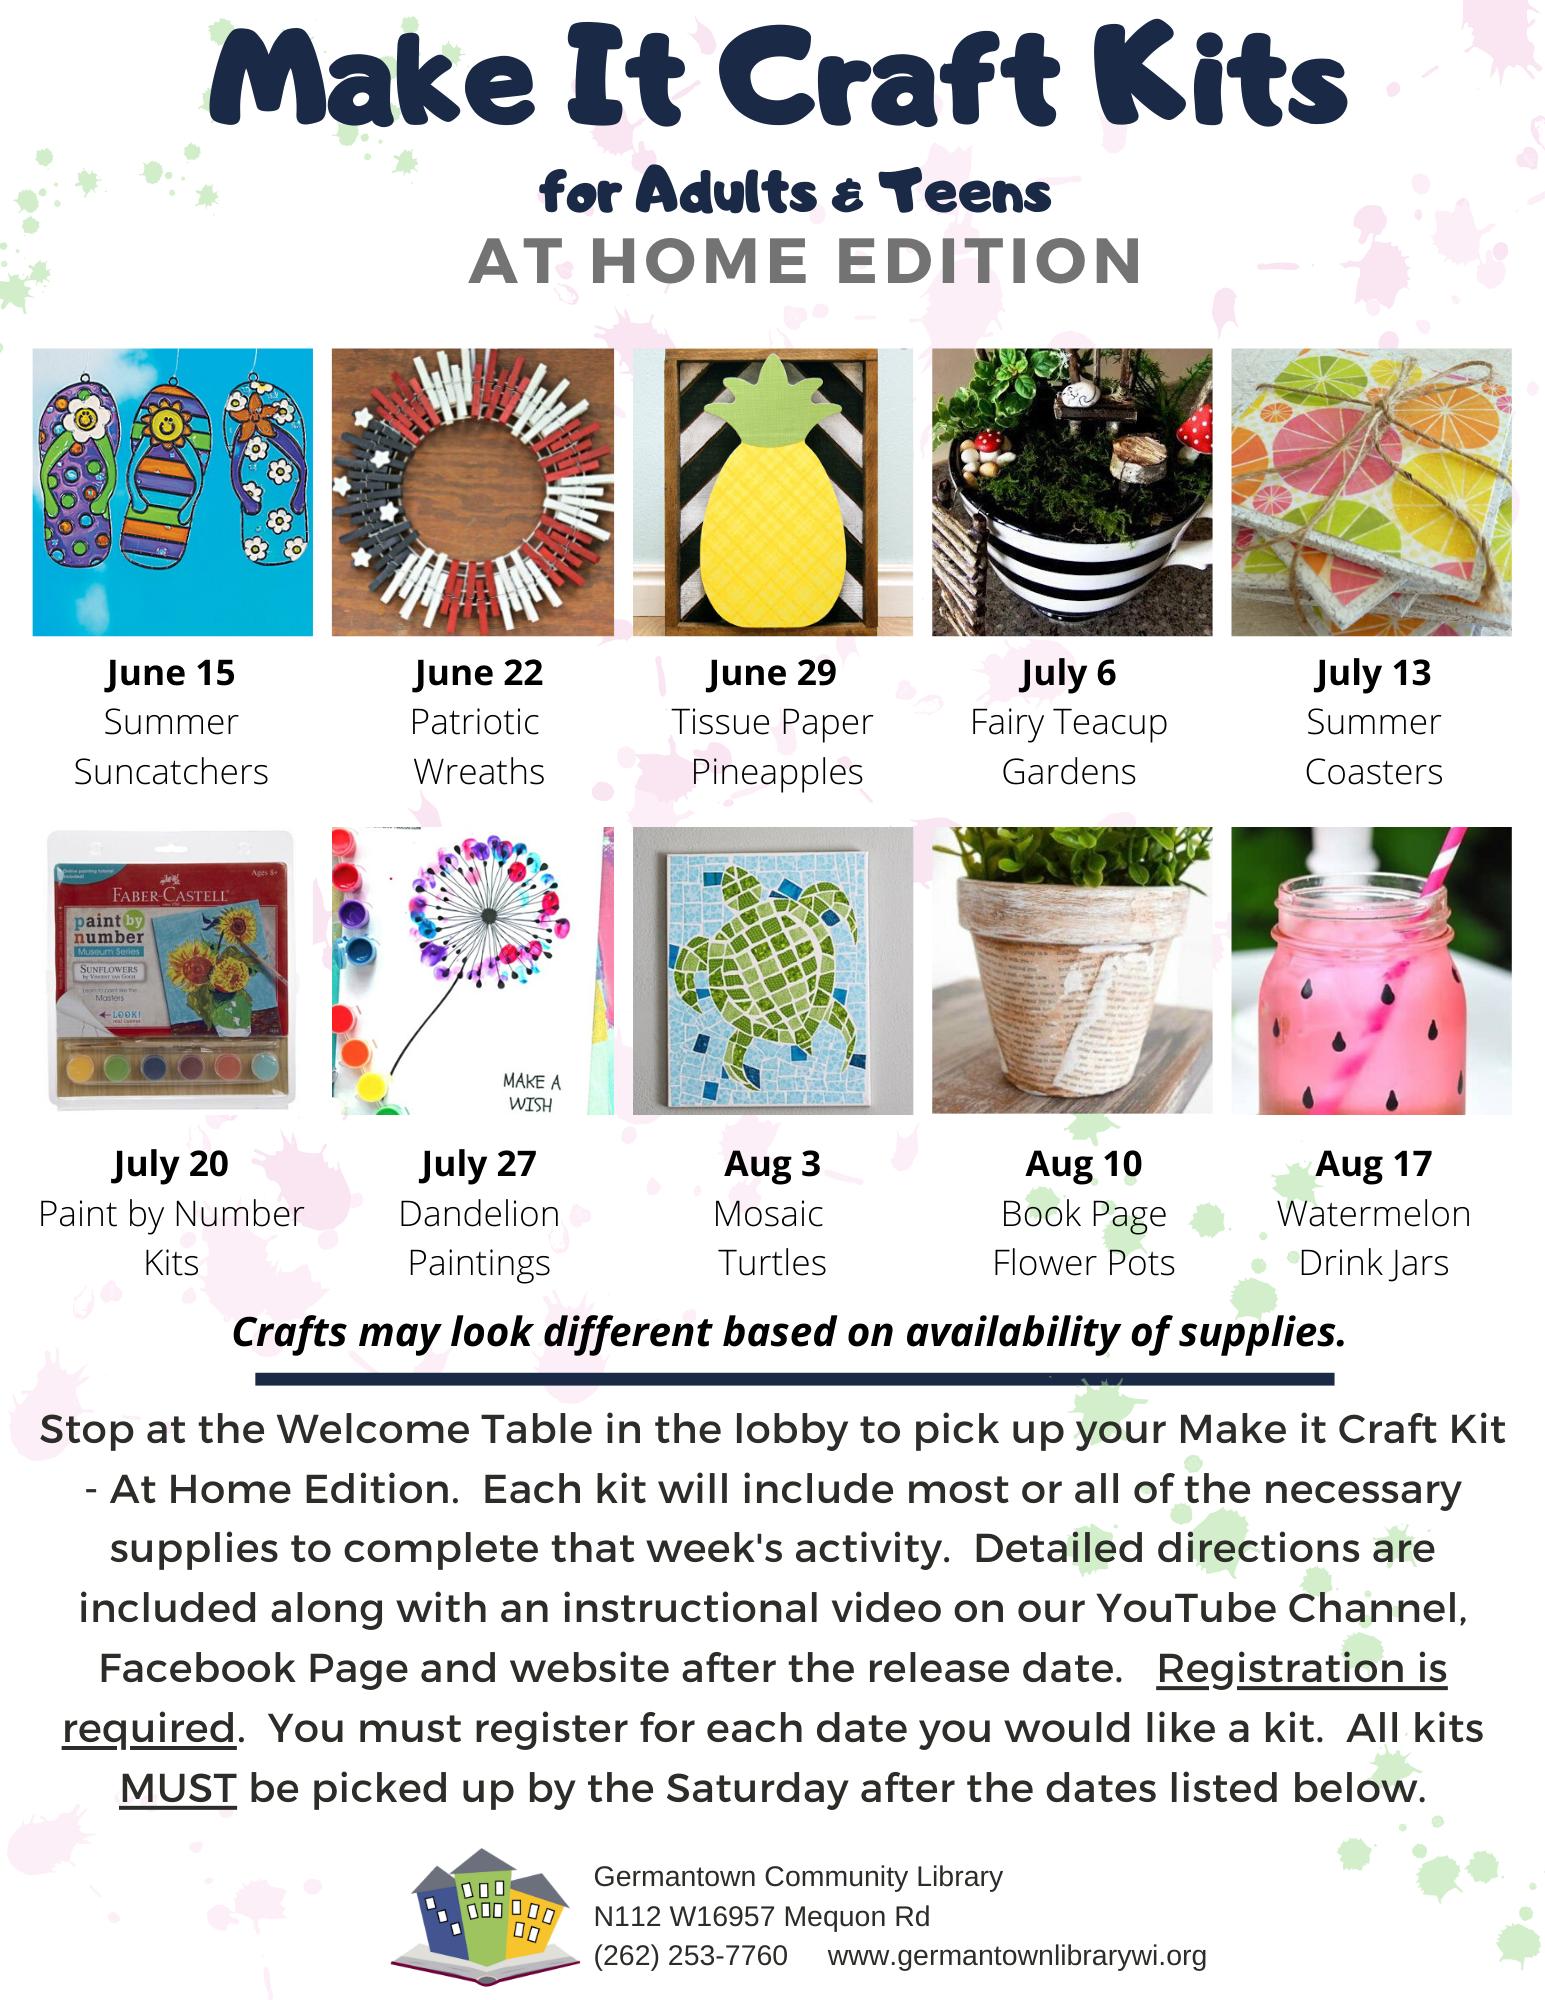 Make It Craft Kits - At Home Edition (Mosaic Turtles)